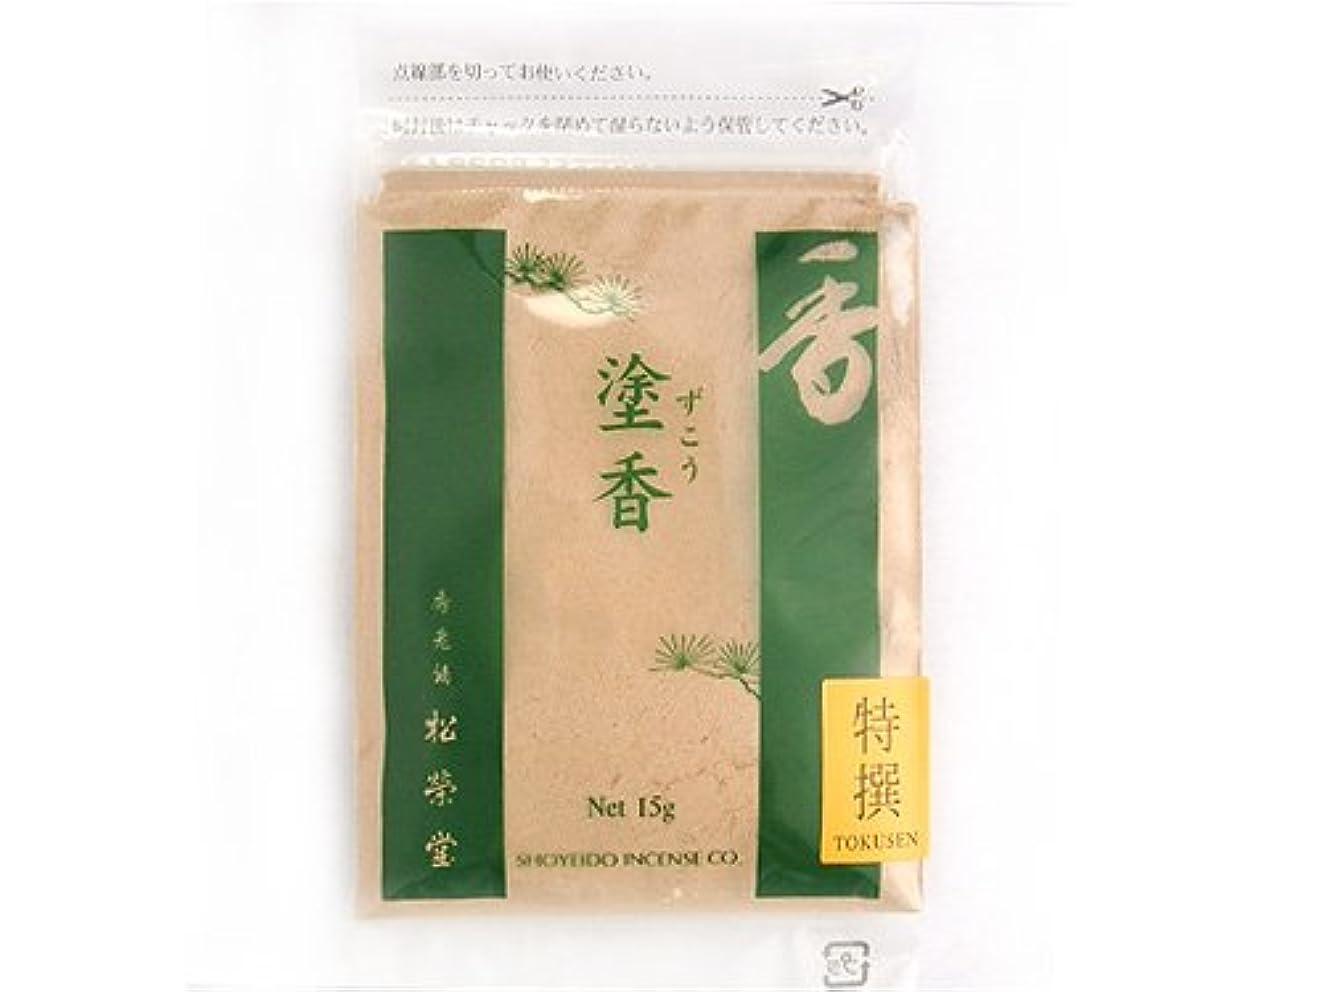 聖域縁聴覚障害者松栄堂のお香 特撰塗香 15g